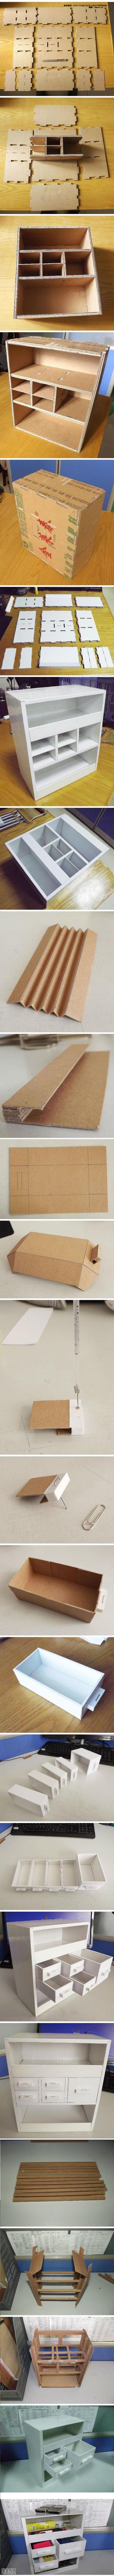 废弃纸箱再利用制作精美实用的储物柜图片教程